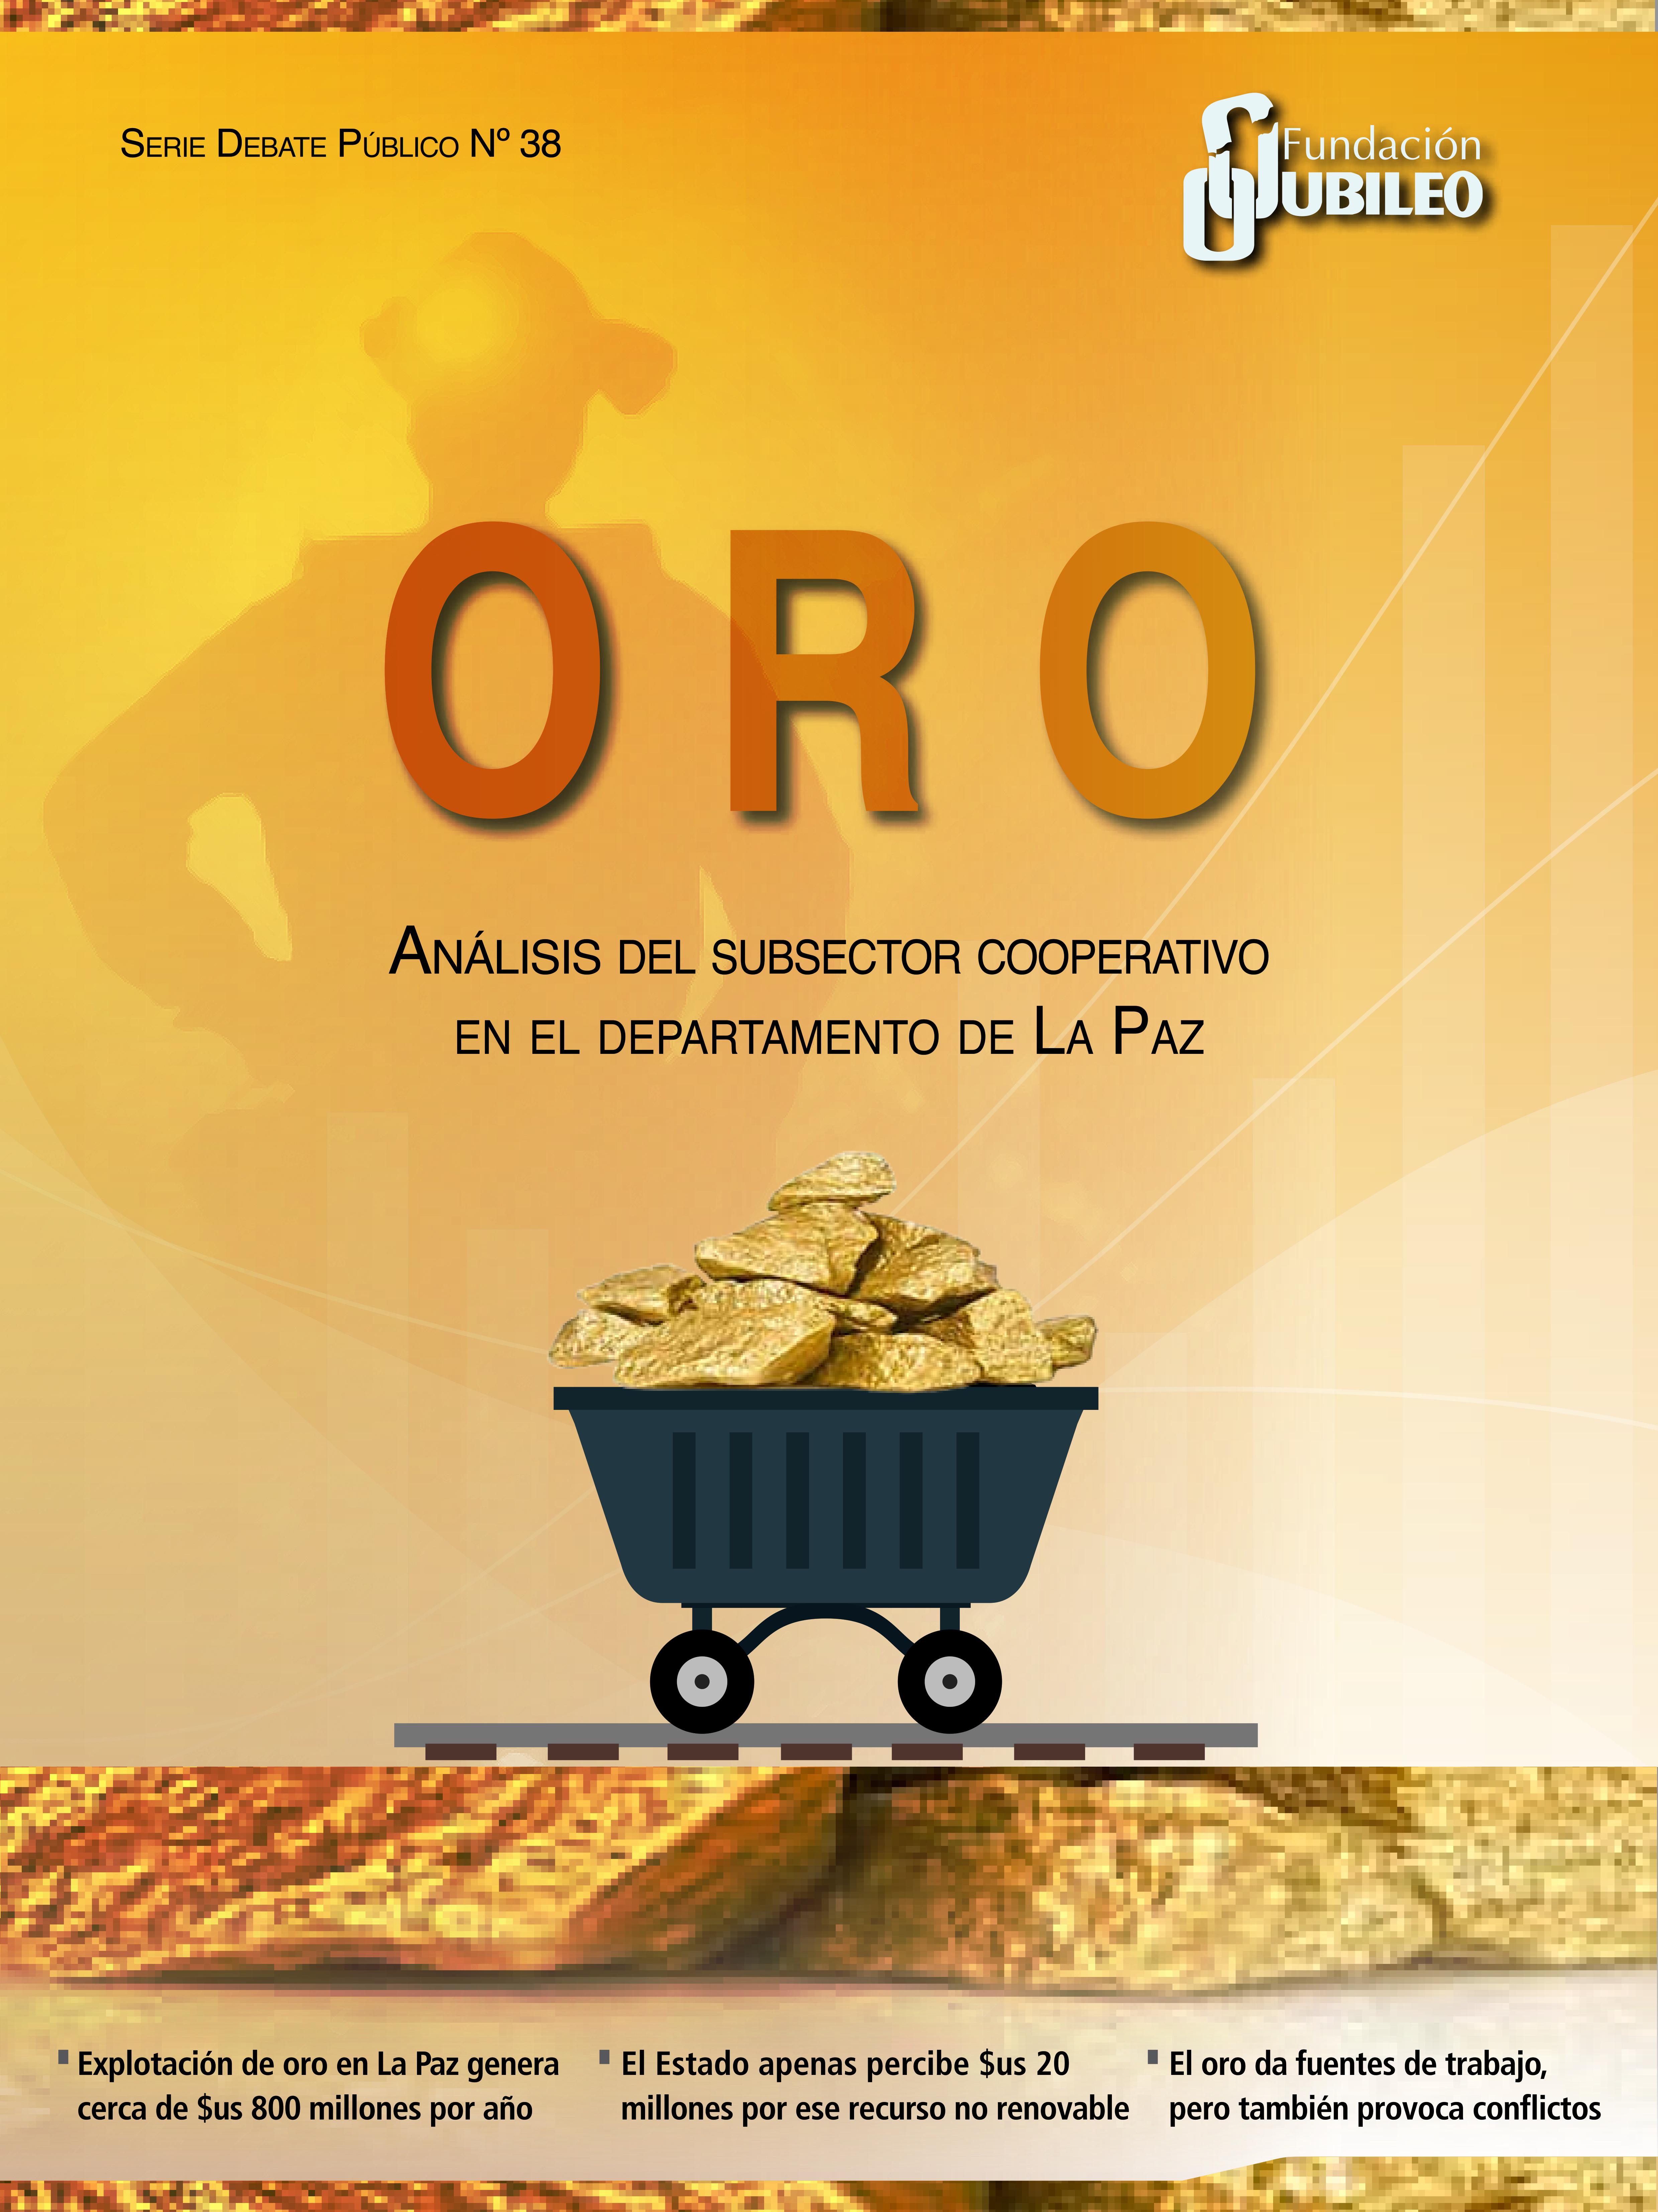 oro_análisis_del_subsector_cooperativo_en_el_departamente_de_la_paz_001